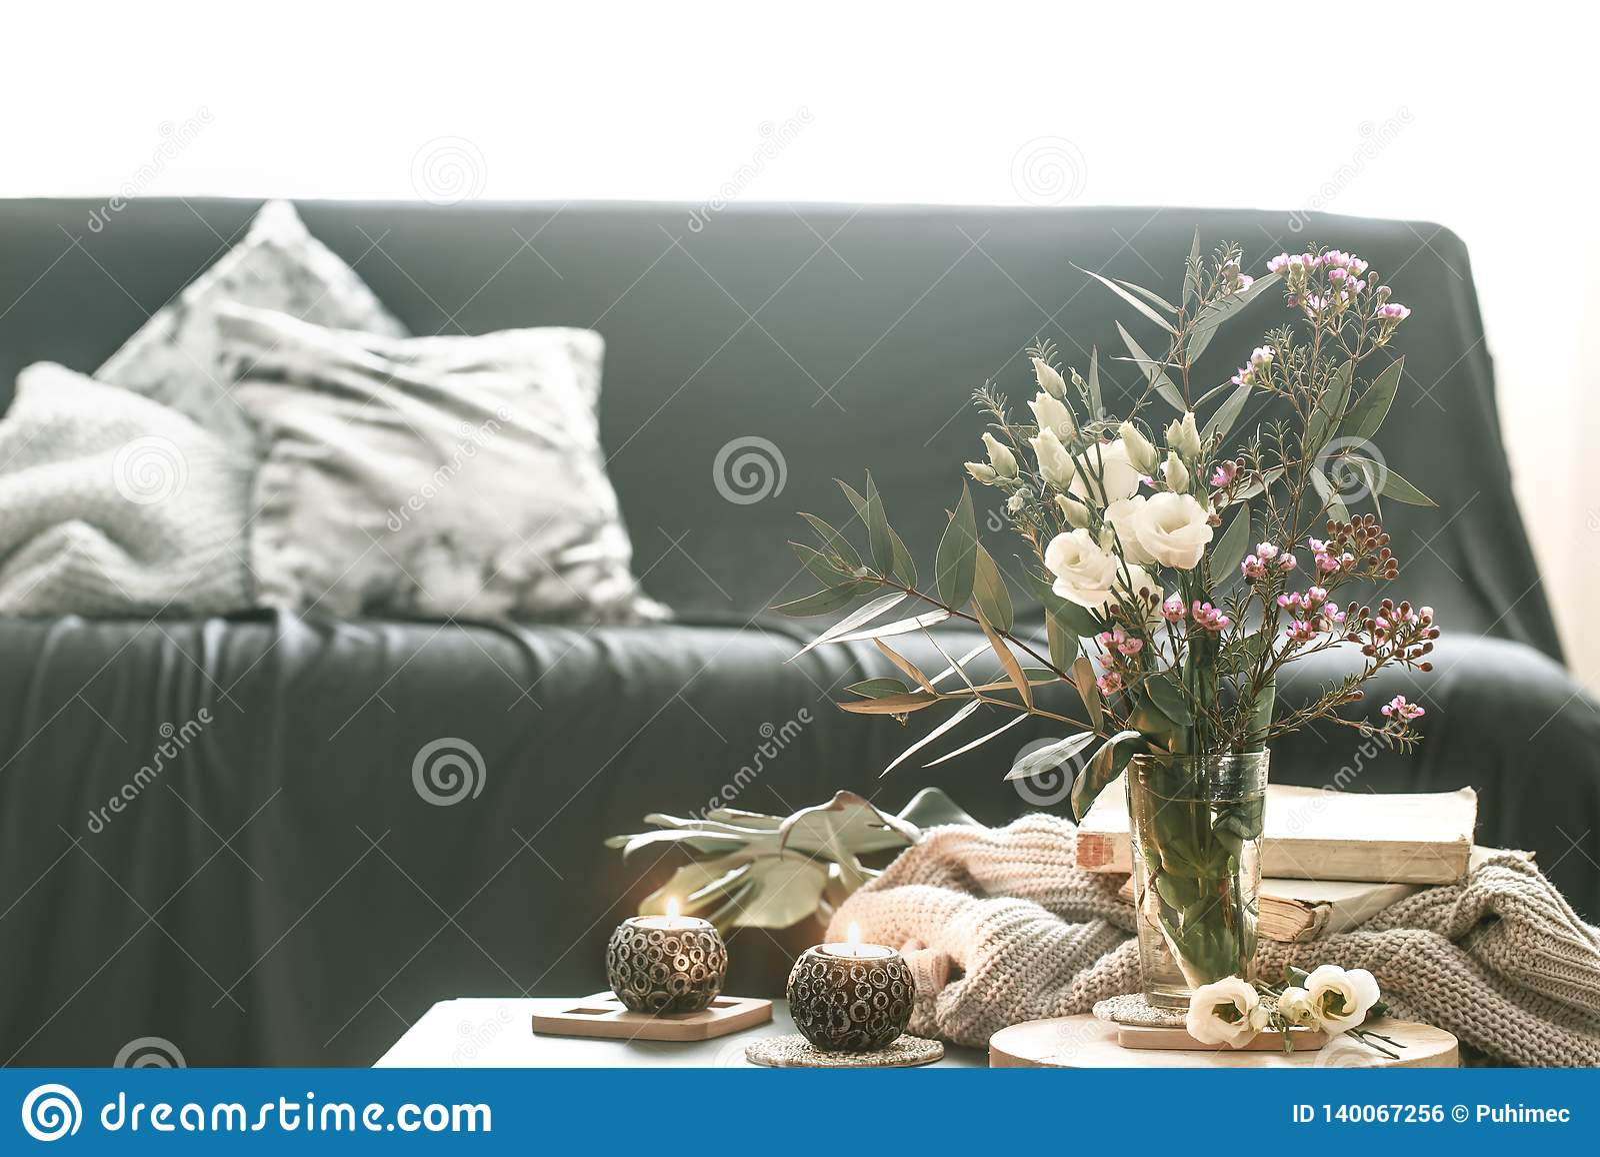 Salon intérieur à la maison confortable avec un vase de fleurs et de bougies